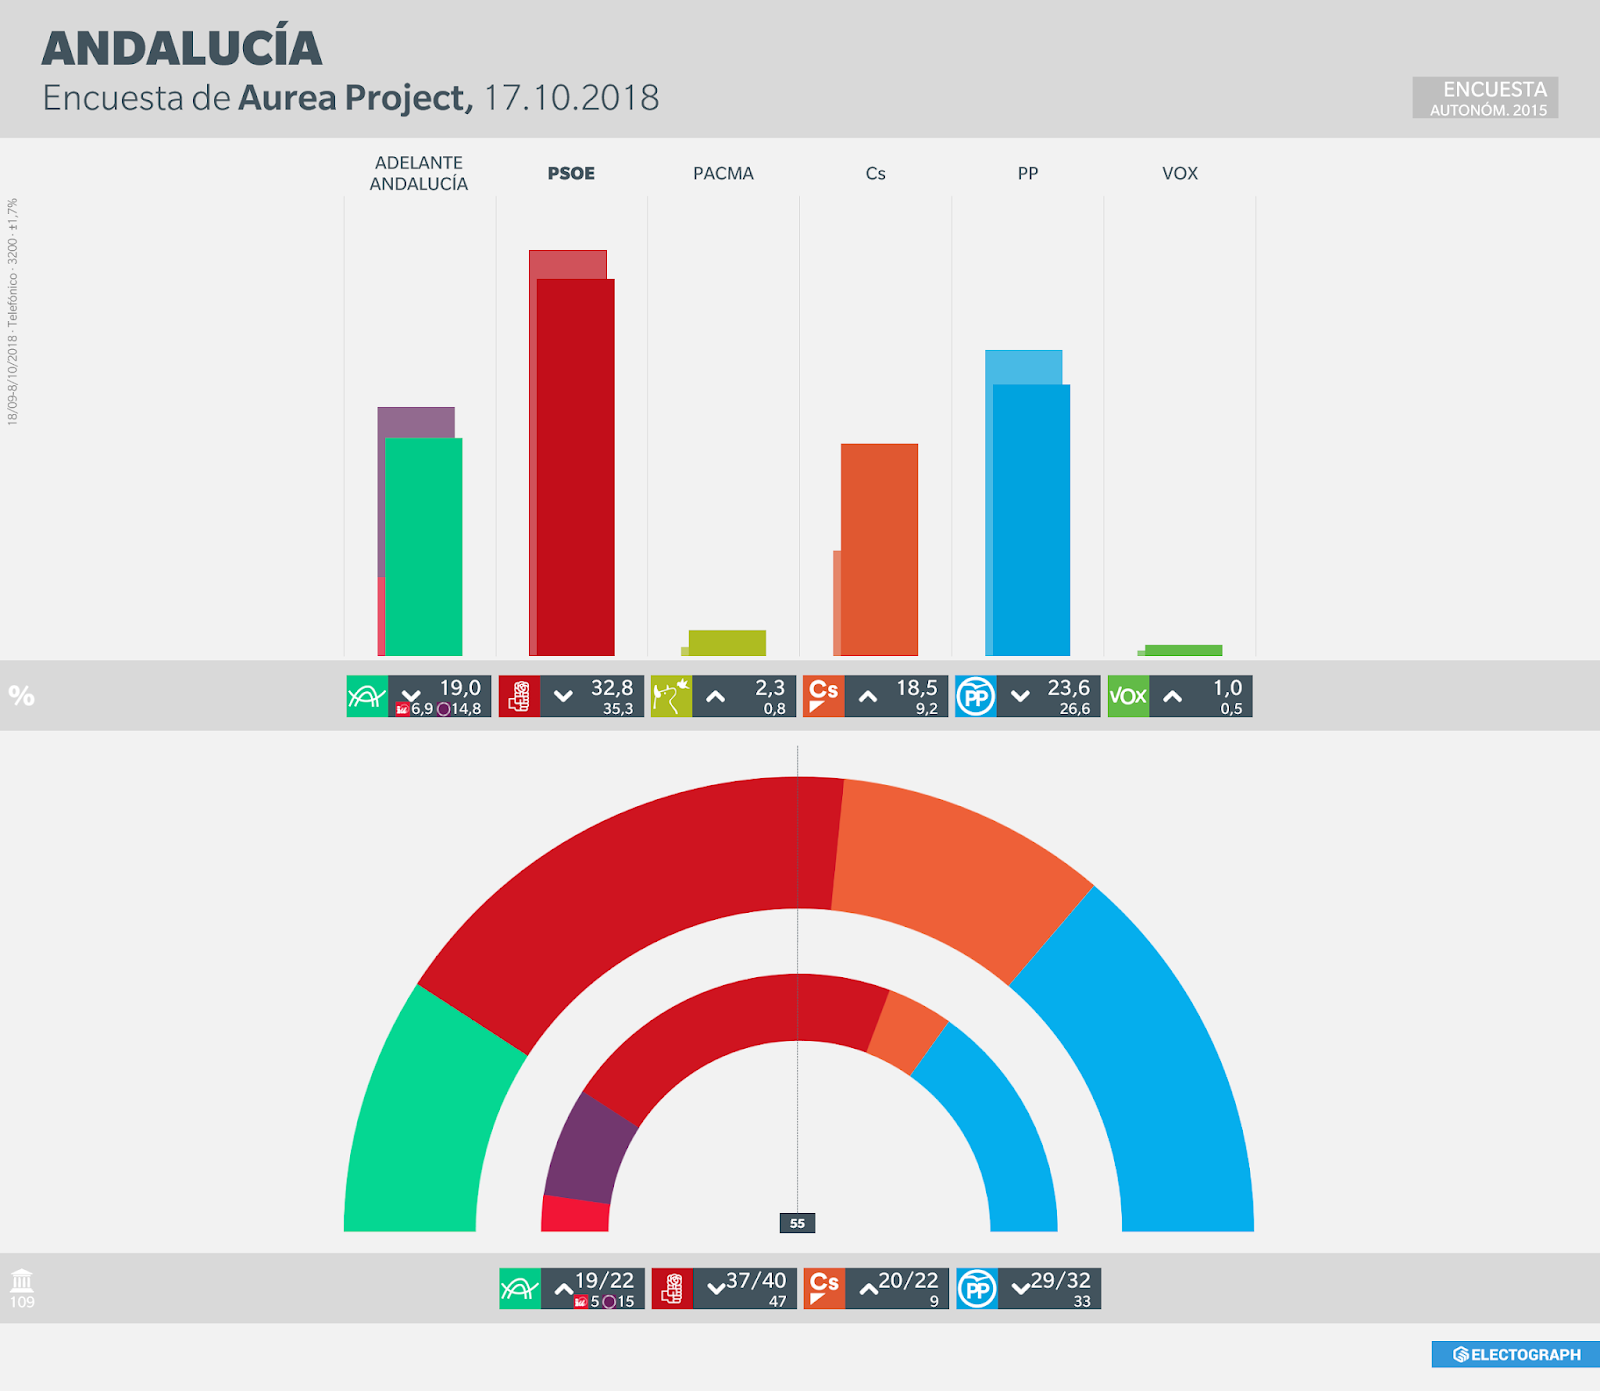 Gráfico de la encuesta para elecciones autonómicas en Andalucía realizada por Aurea Project para el PP en octubre de 2018